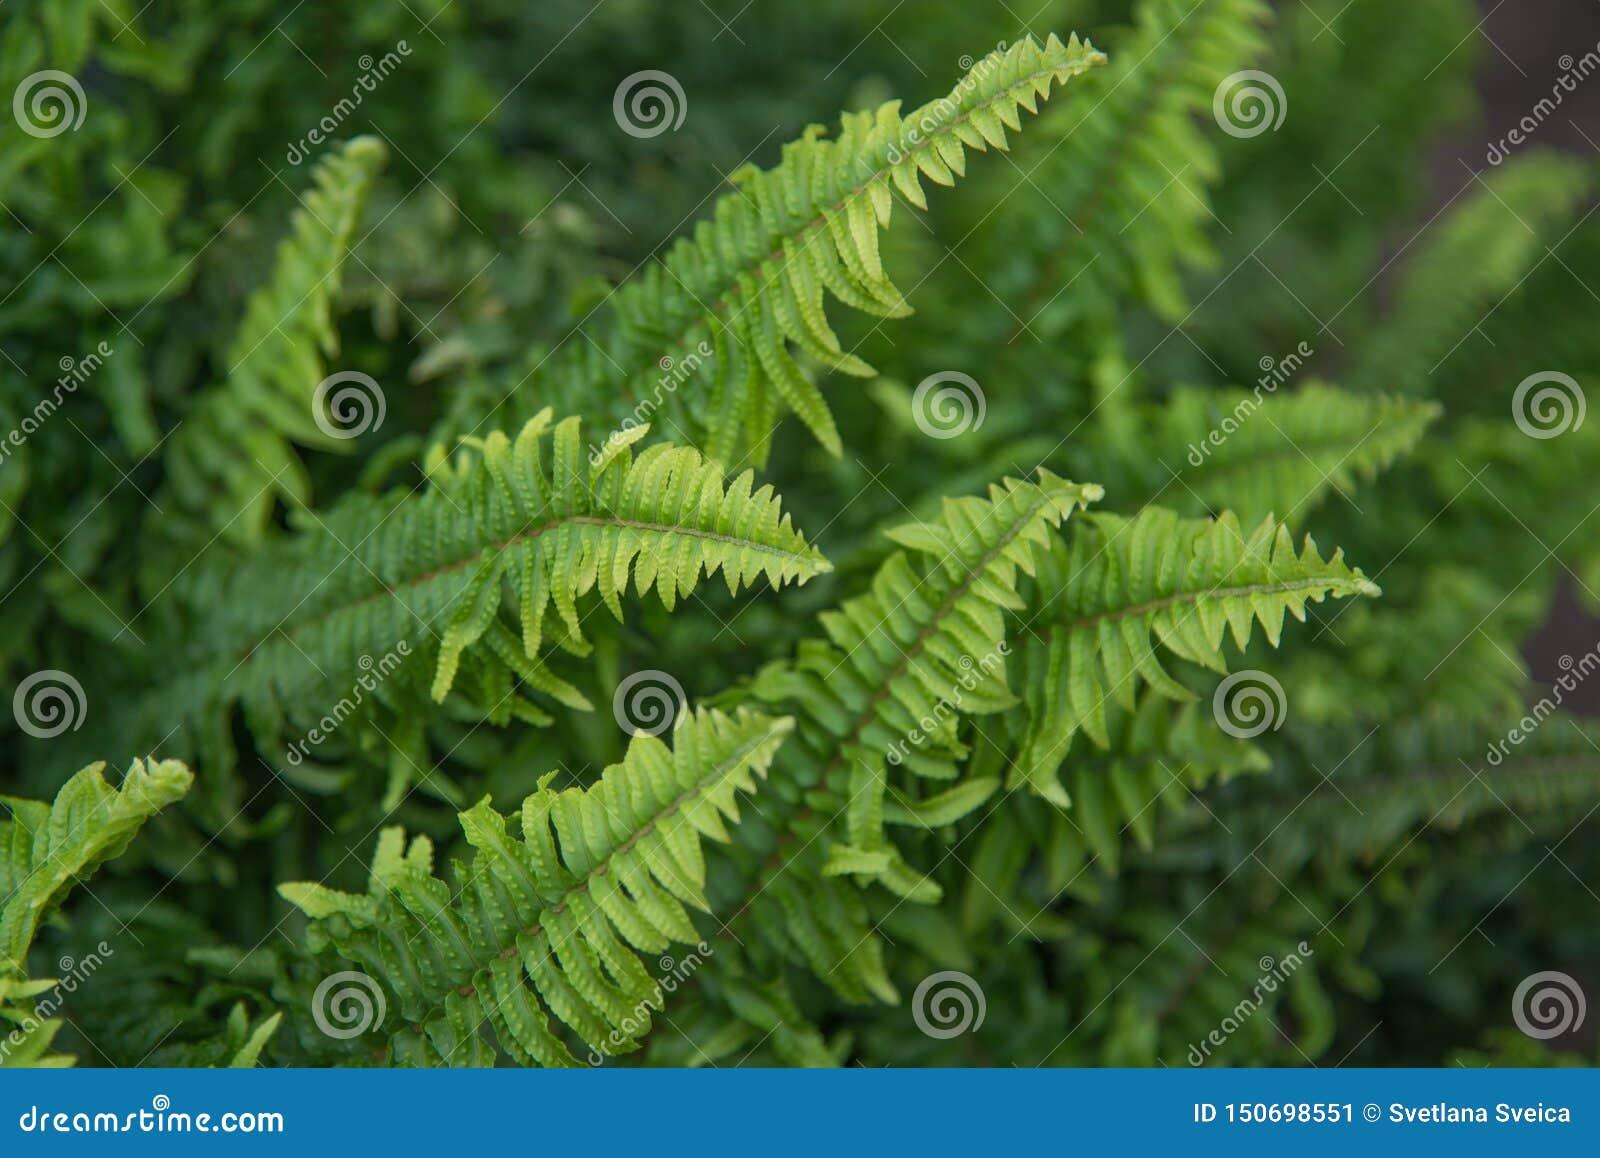 Η όμορφη φτέρη αφήνει το πράσινο φύλλωμα σε έναν κήπο Φυσικό floral υπόβαθρο φτερών